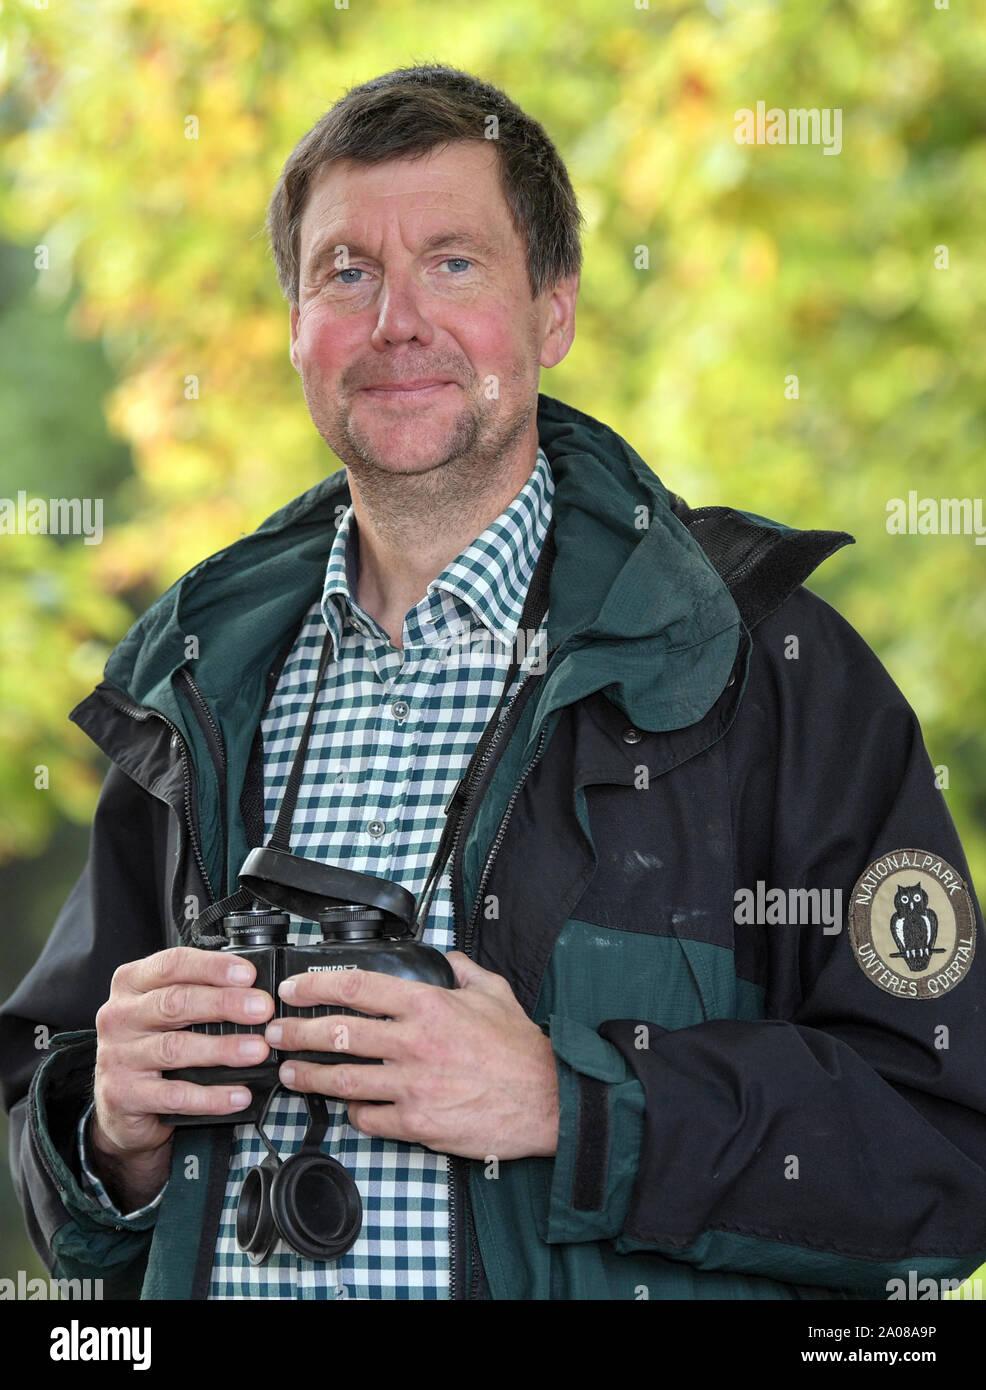 Criewen, Alemania. 16 Sep, 2019. Dirk Treichel, jefe de la parte inferior de la administración del Parque Nacional del Valle del Oder (Uckermark), se encuentra bajo los árboles en el Parque Nacional. Brandenburg es Kranichland. Una cuarta parte de los 10.000 parejas reproductoras en Alemania anidan en la marca. Debido a la sequía, sin embargo, sólo hay pequeñas crías de este año. Naturaleza conservacionistas temen que el más grande de Europa, las especies de aves migran en el largo plazo. Crédito: Patrick Pleul/dpa-Zentralbild/ZB/dpa/Alamy Live News Foto de stock